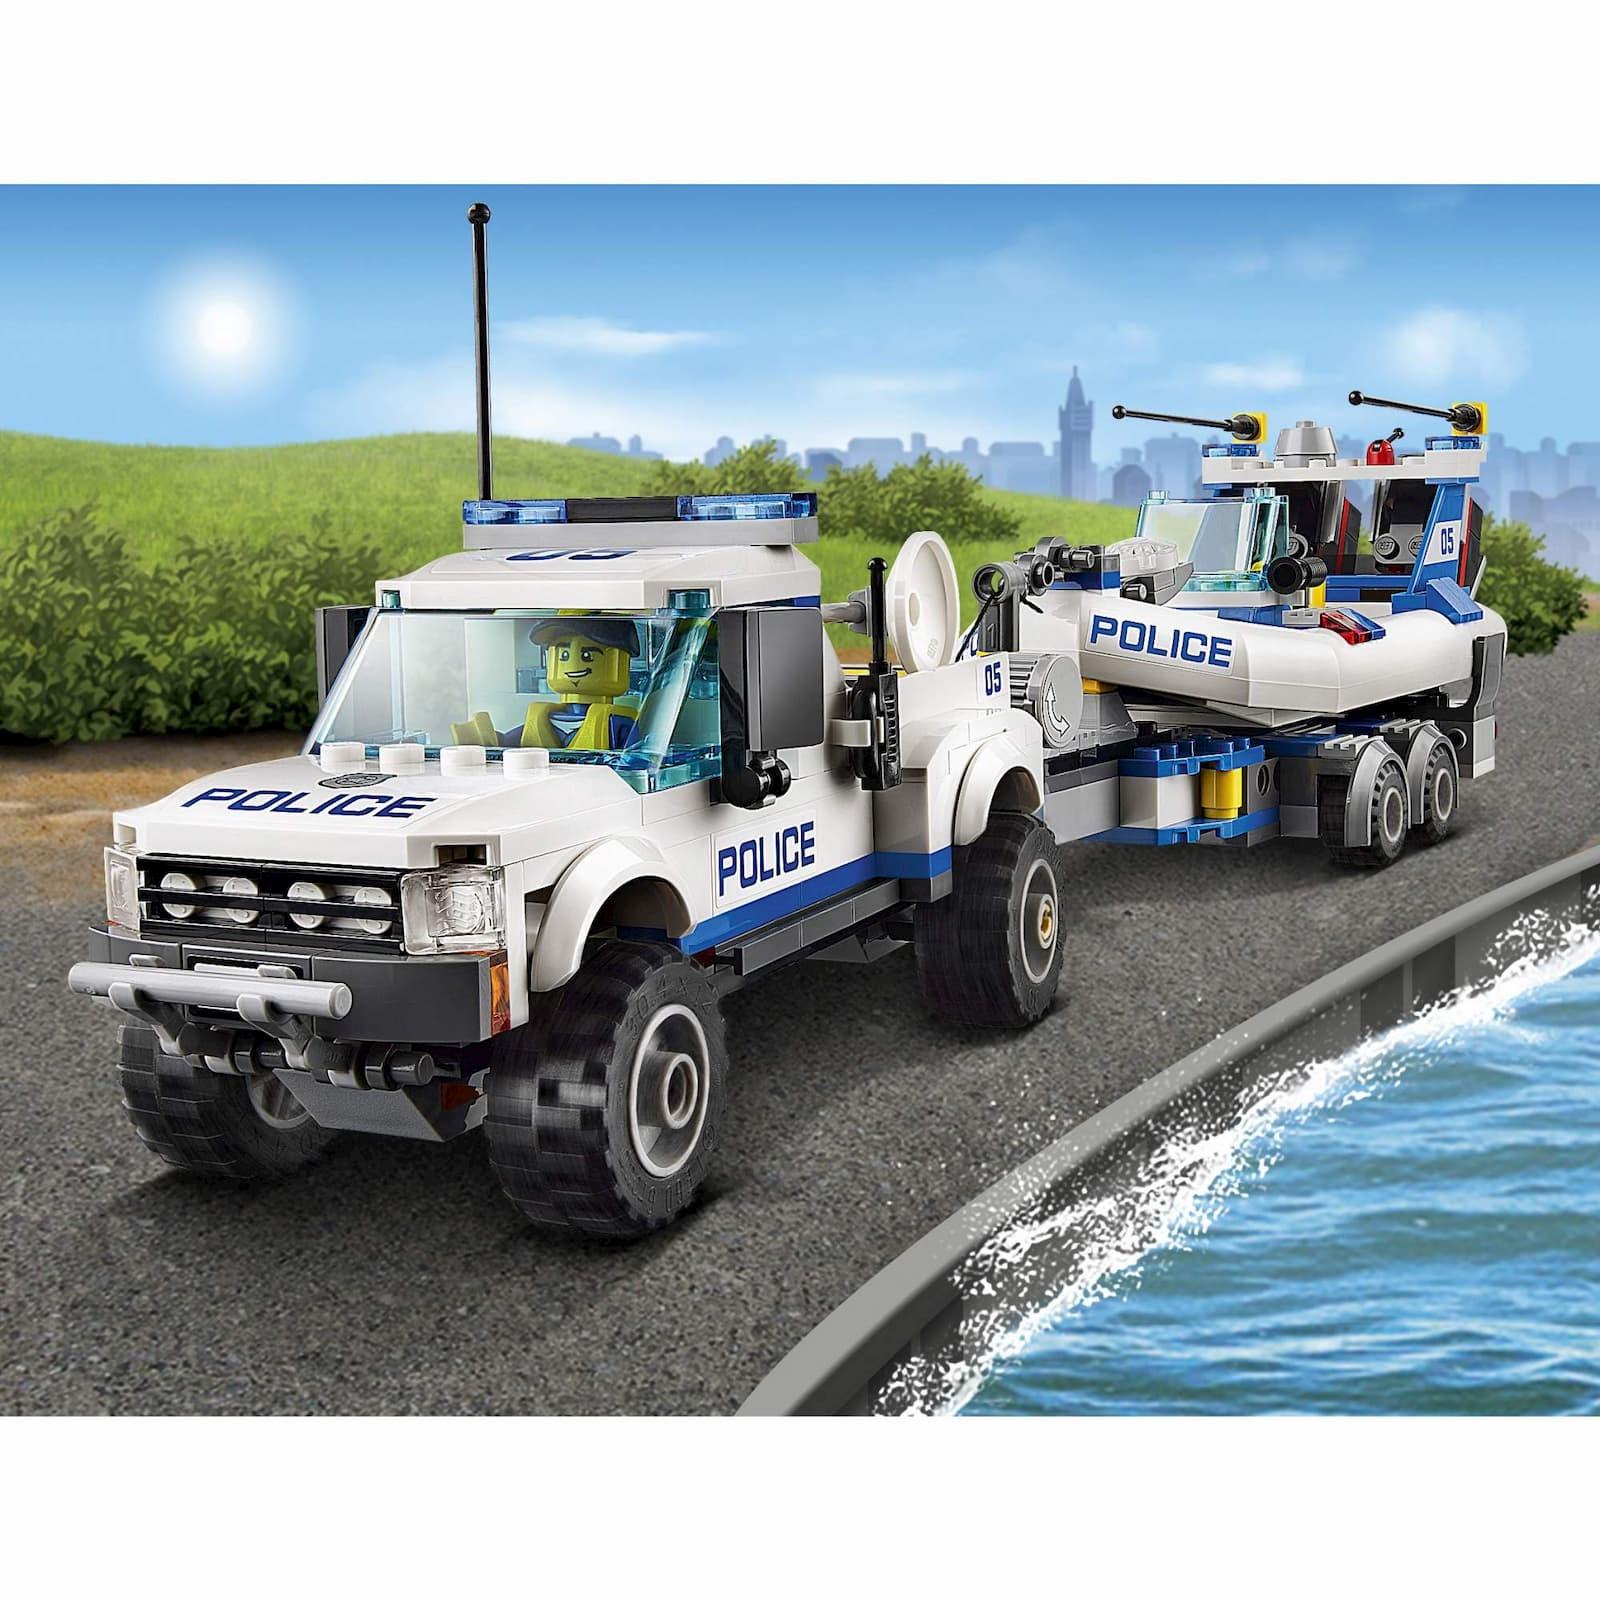 Конструктор Bl «Полицейский патруль» 10421 (City 60045) 409 деталей